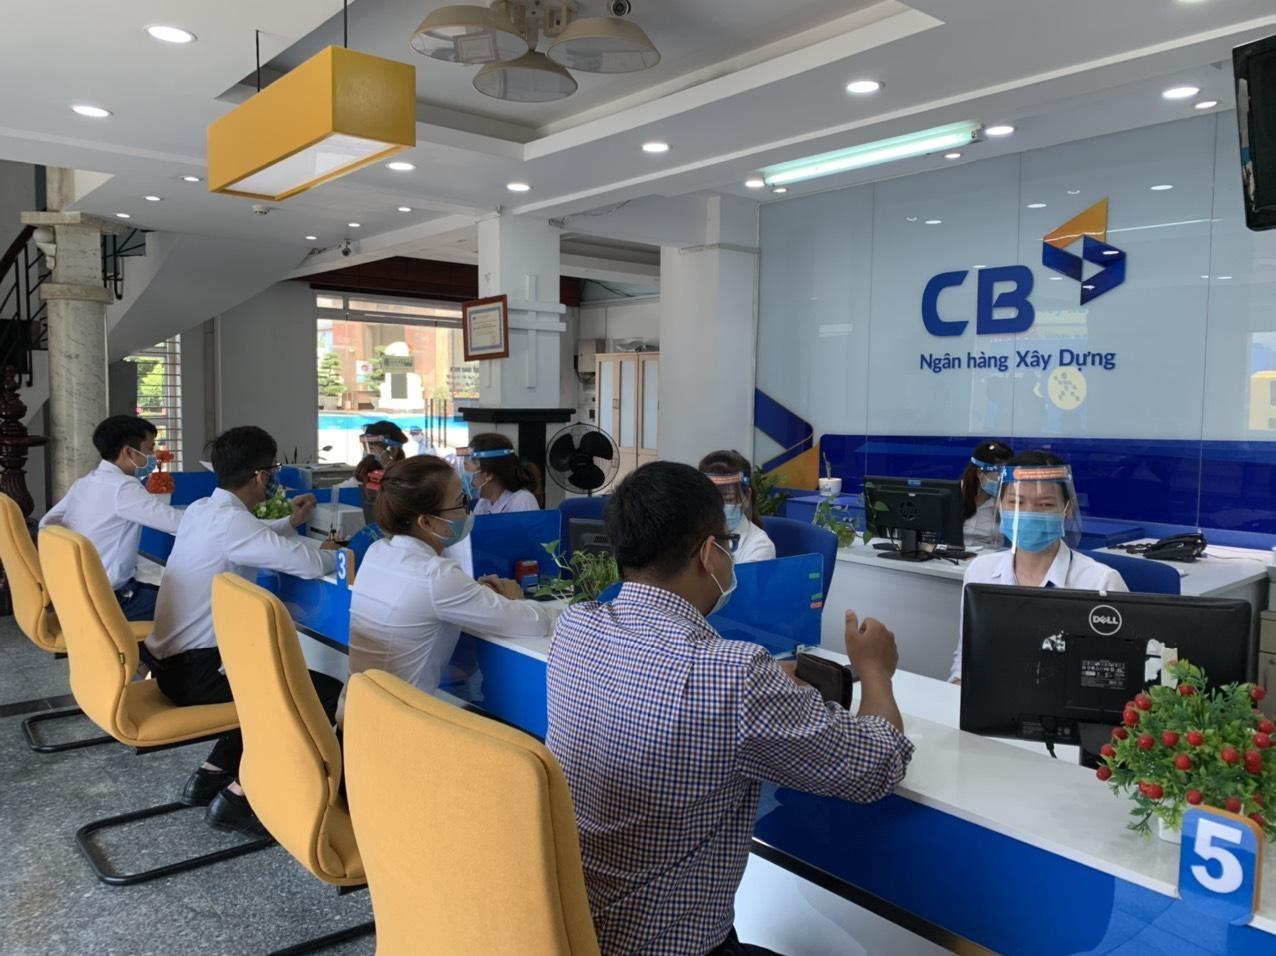 """CB giúp khách hàng giải tỏa nỗi lo """"giãn cách"""" kế hoạch tài chính"""